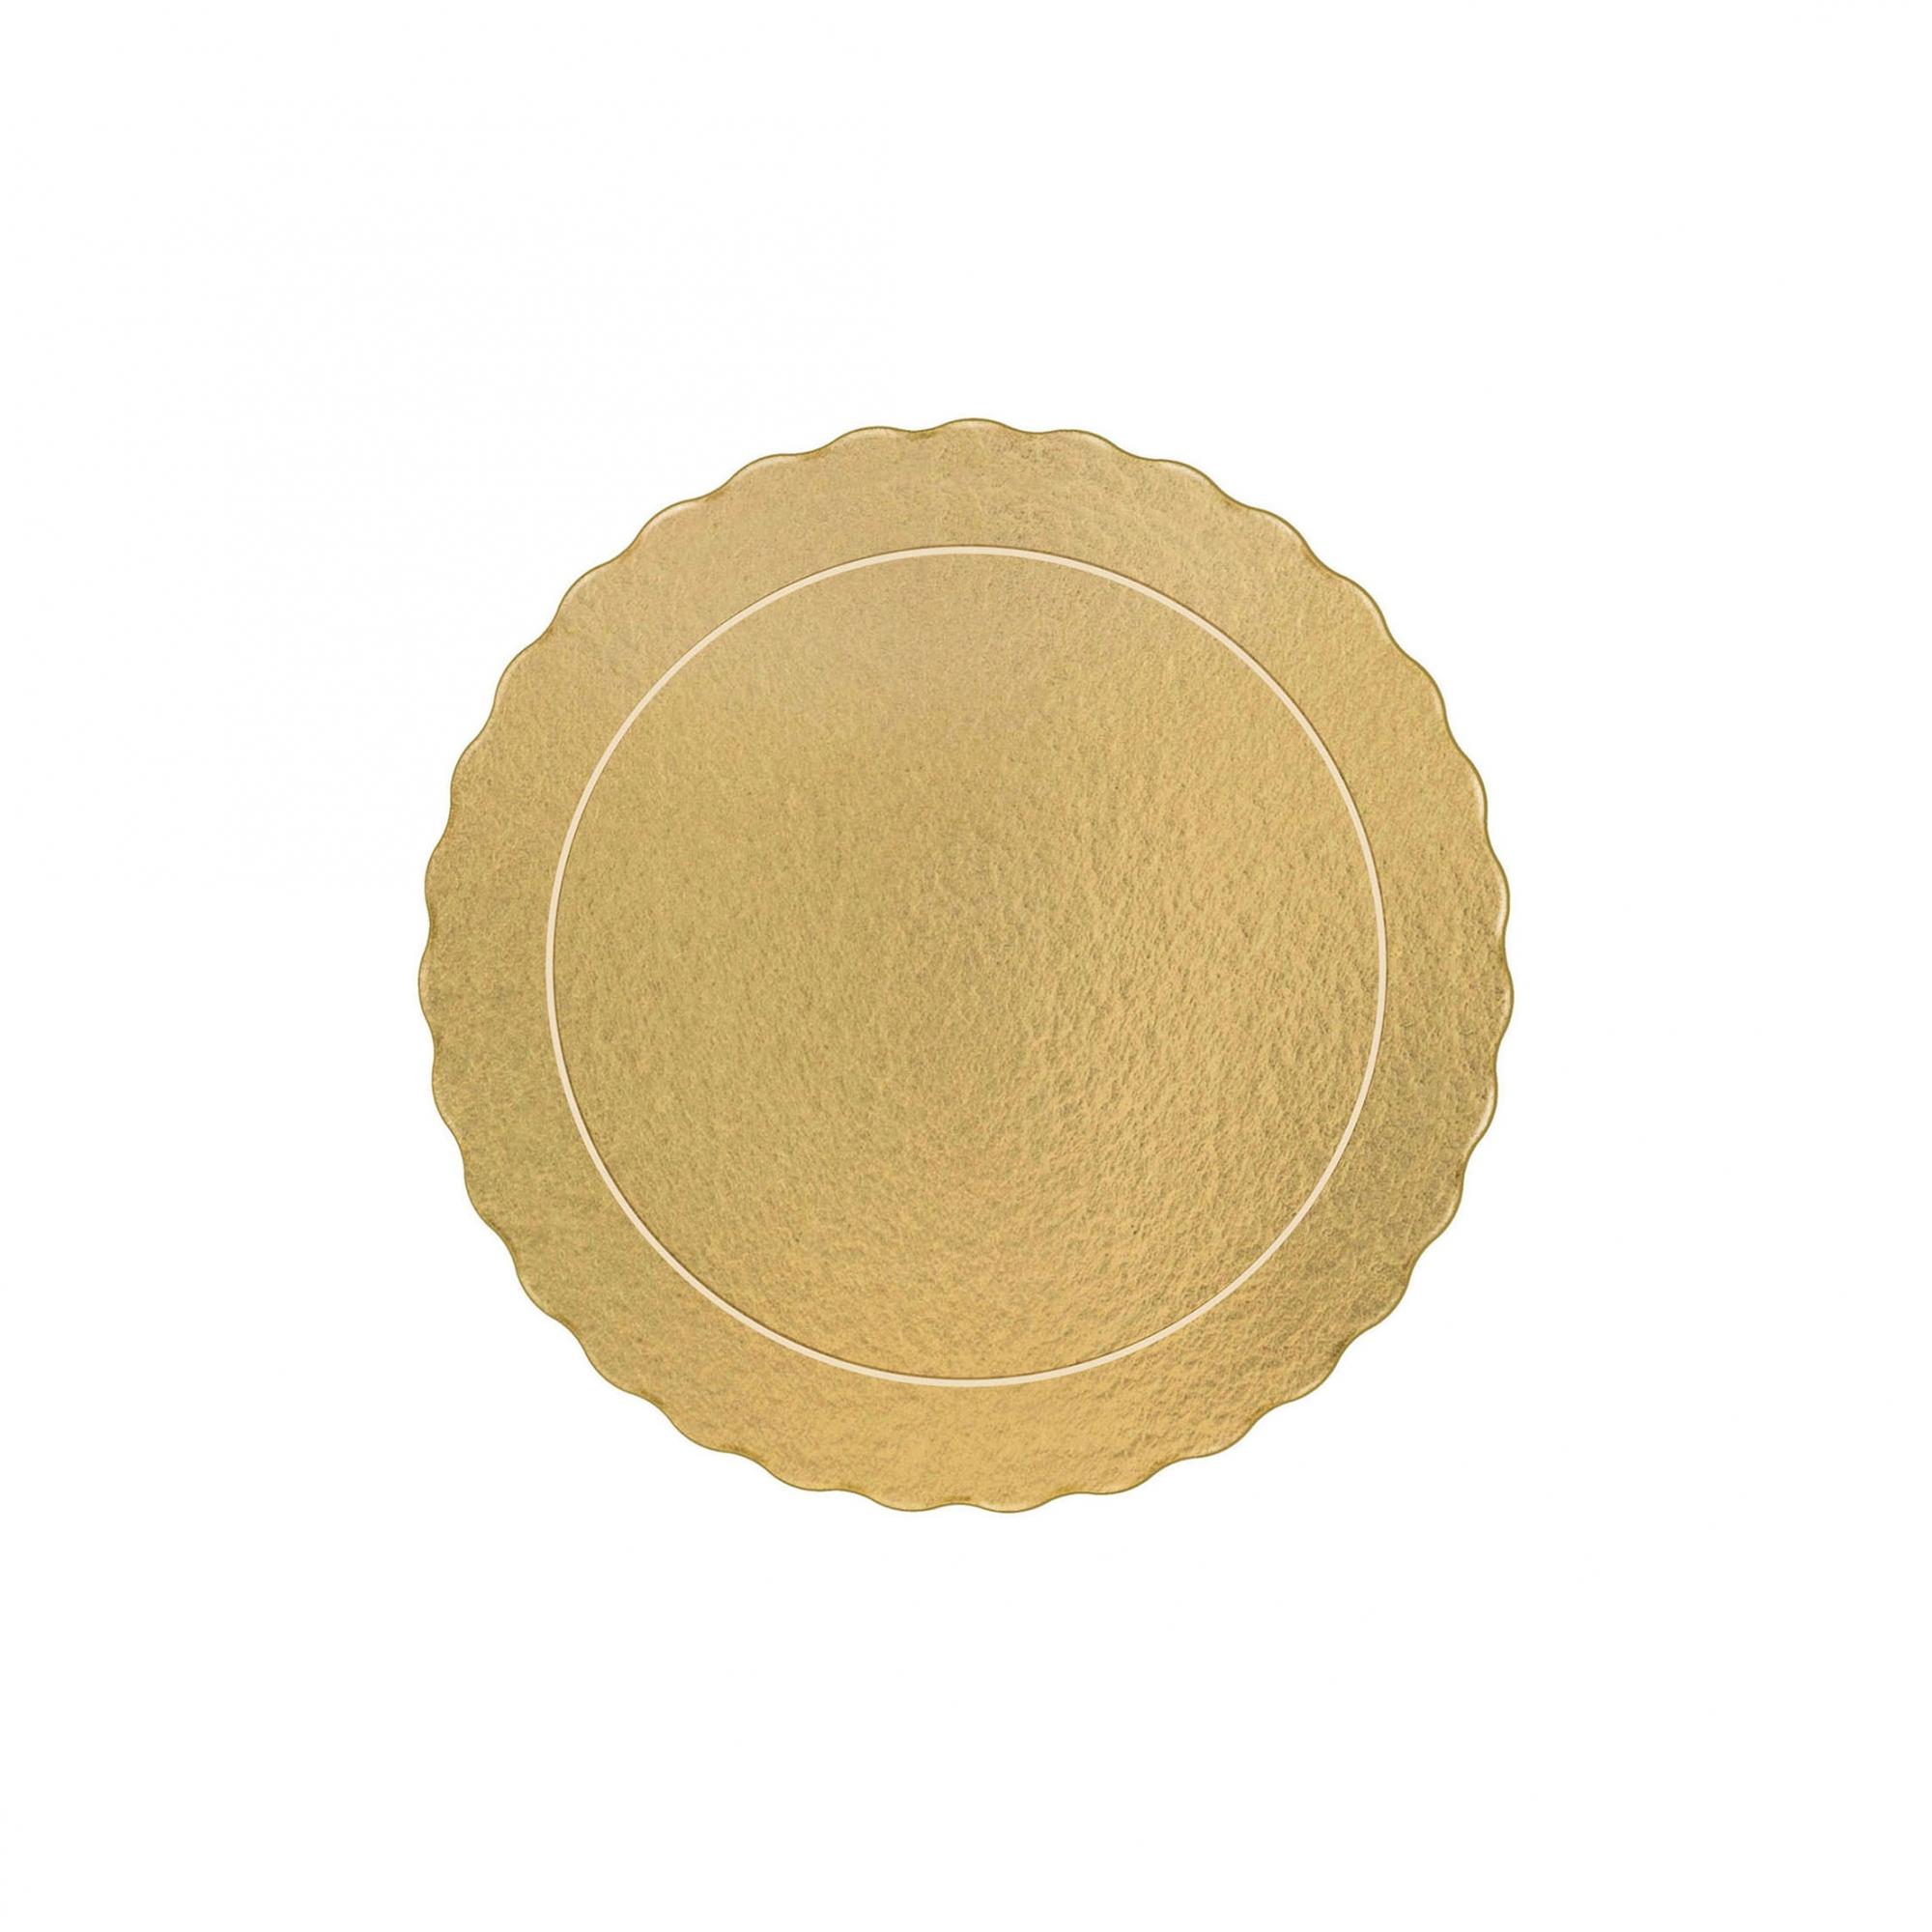 200 Bases Laminadas Para Bolo Redondo, Cake Board 21cm - Ouro